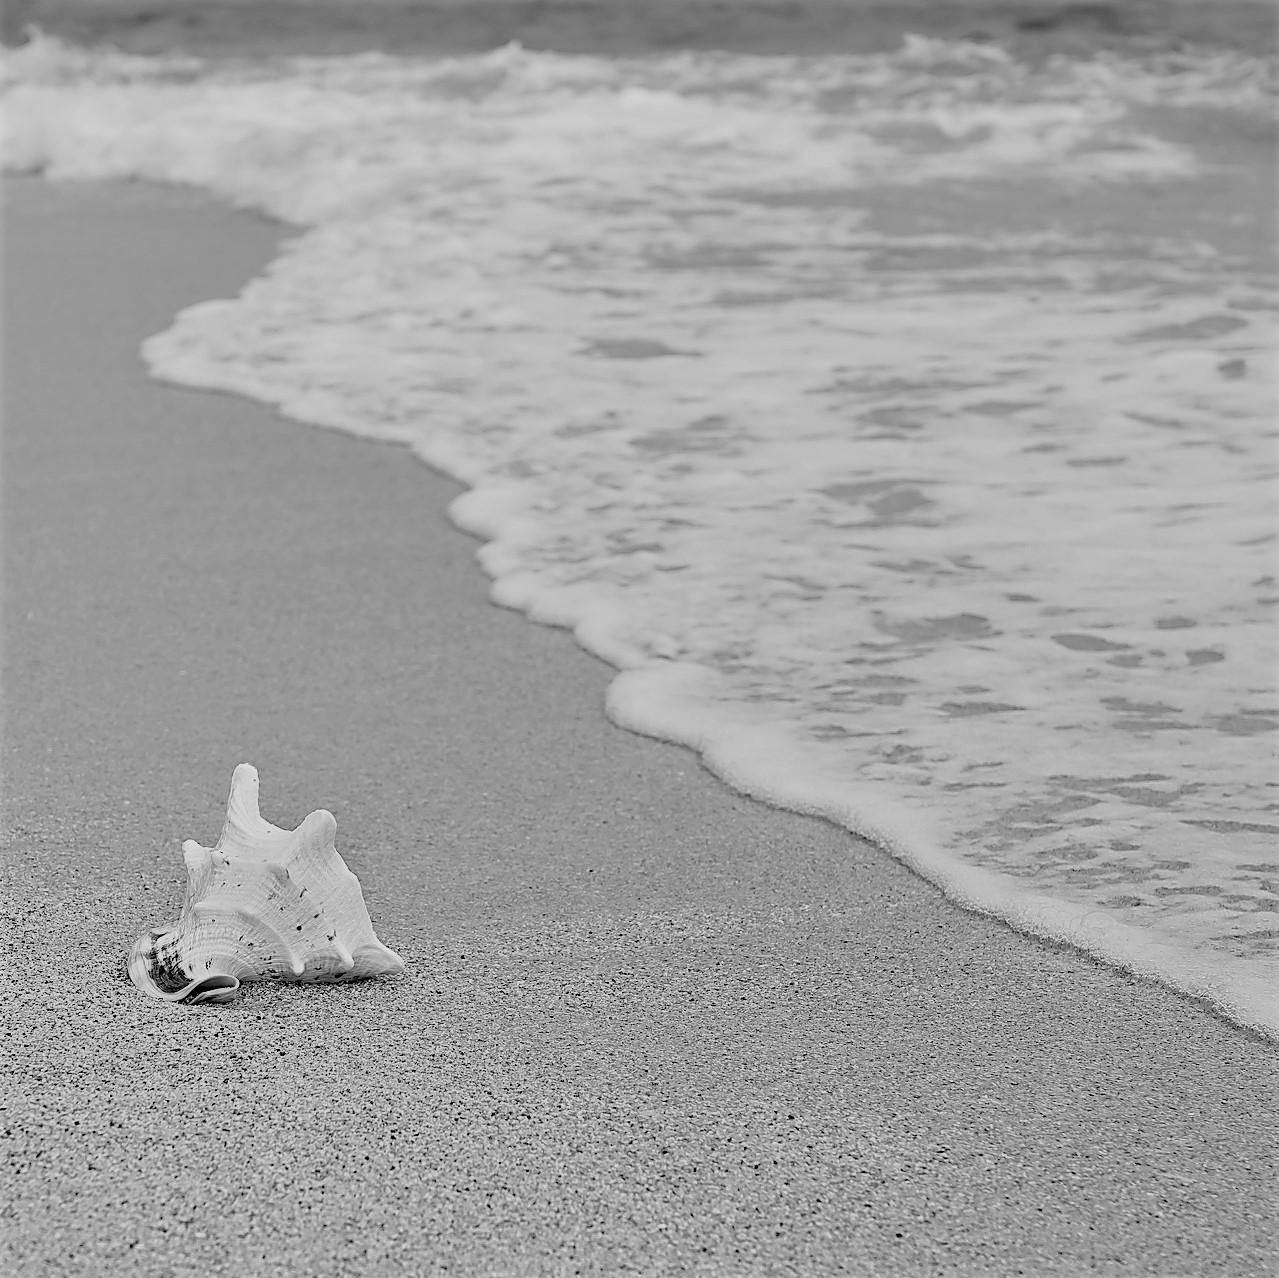 Muschel am Strand ls Sinnbild für einen Motivationsspruch